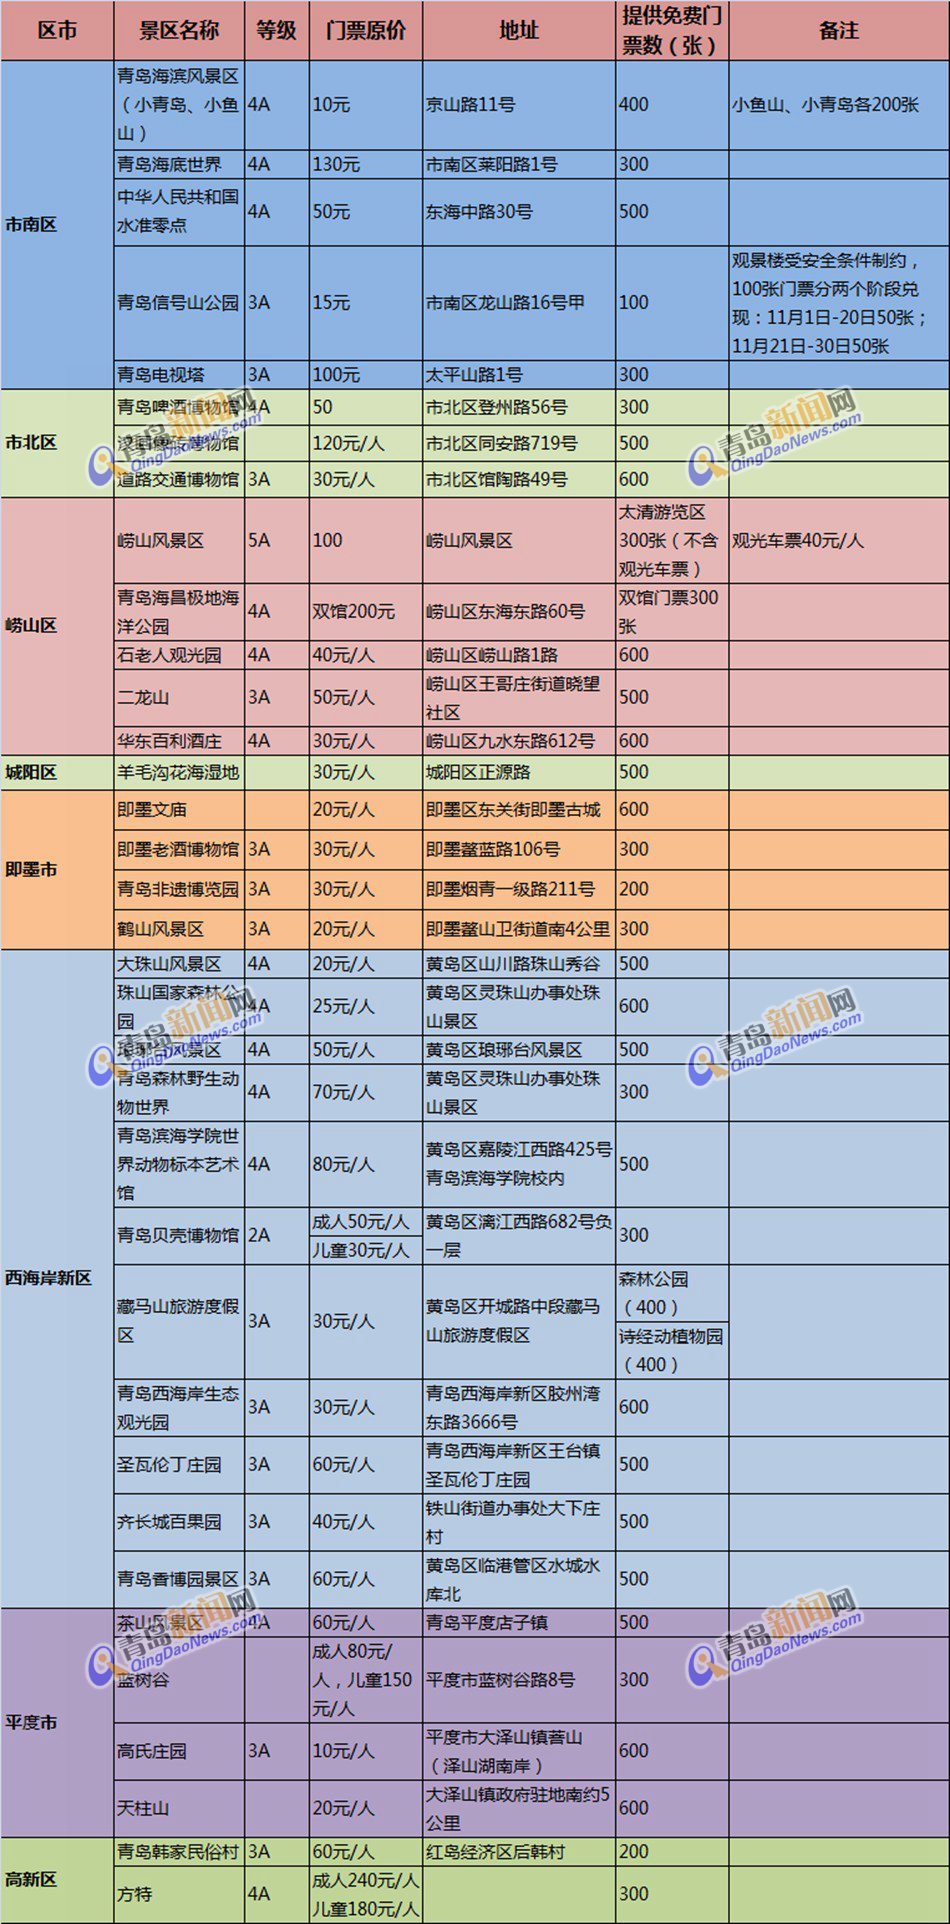 2017青岛旅游惠民月启动万张景区门票免费送